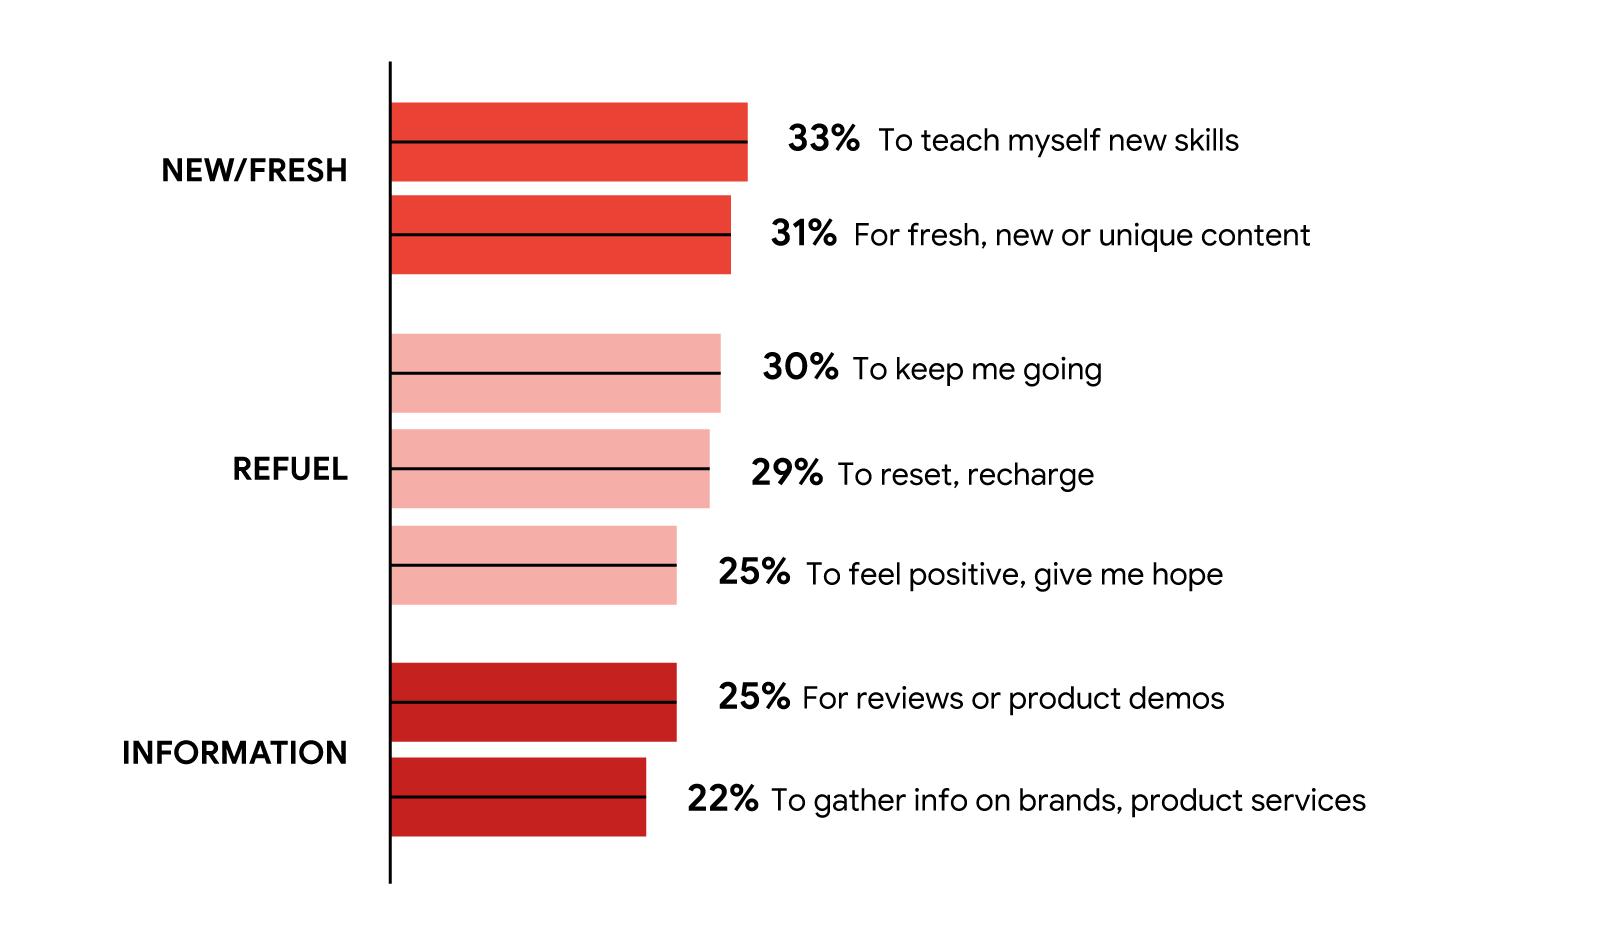 תרשים עמודות המציין כיצד הצופים משתמשים בשירותי סטרימינג.  חדש / טרי: 33% ללמד מיומנויות חדשות, 31% לתוכן טרי וייחודי;  תדלוק: 30% כדי להמשיך אותי, 29% להטעין, 25% כדי להרגיש חיובי;  מידע: 25% לביקורות / הדגמות, 22% מידע על המותג